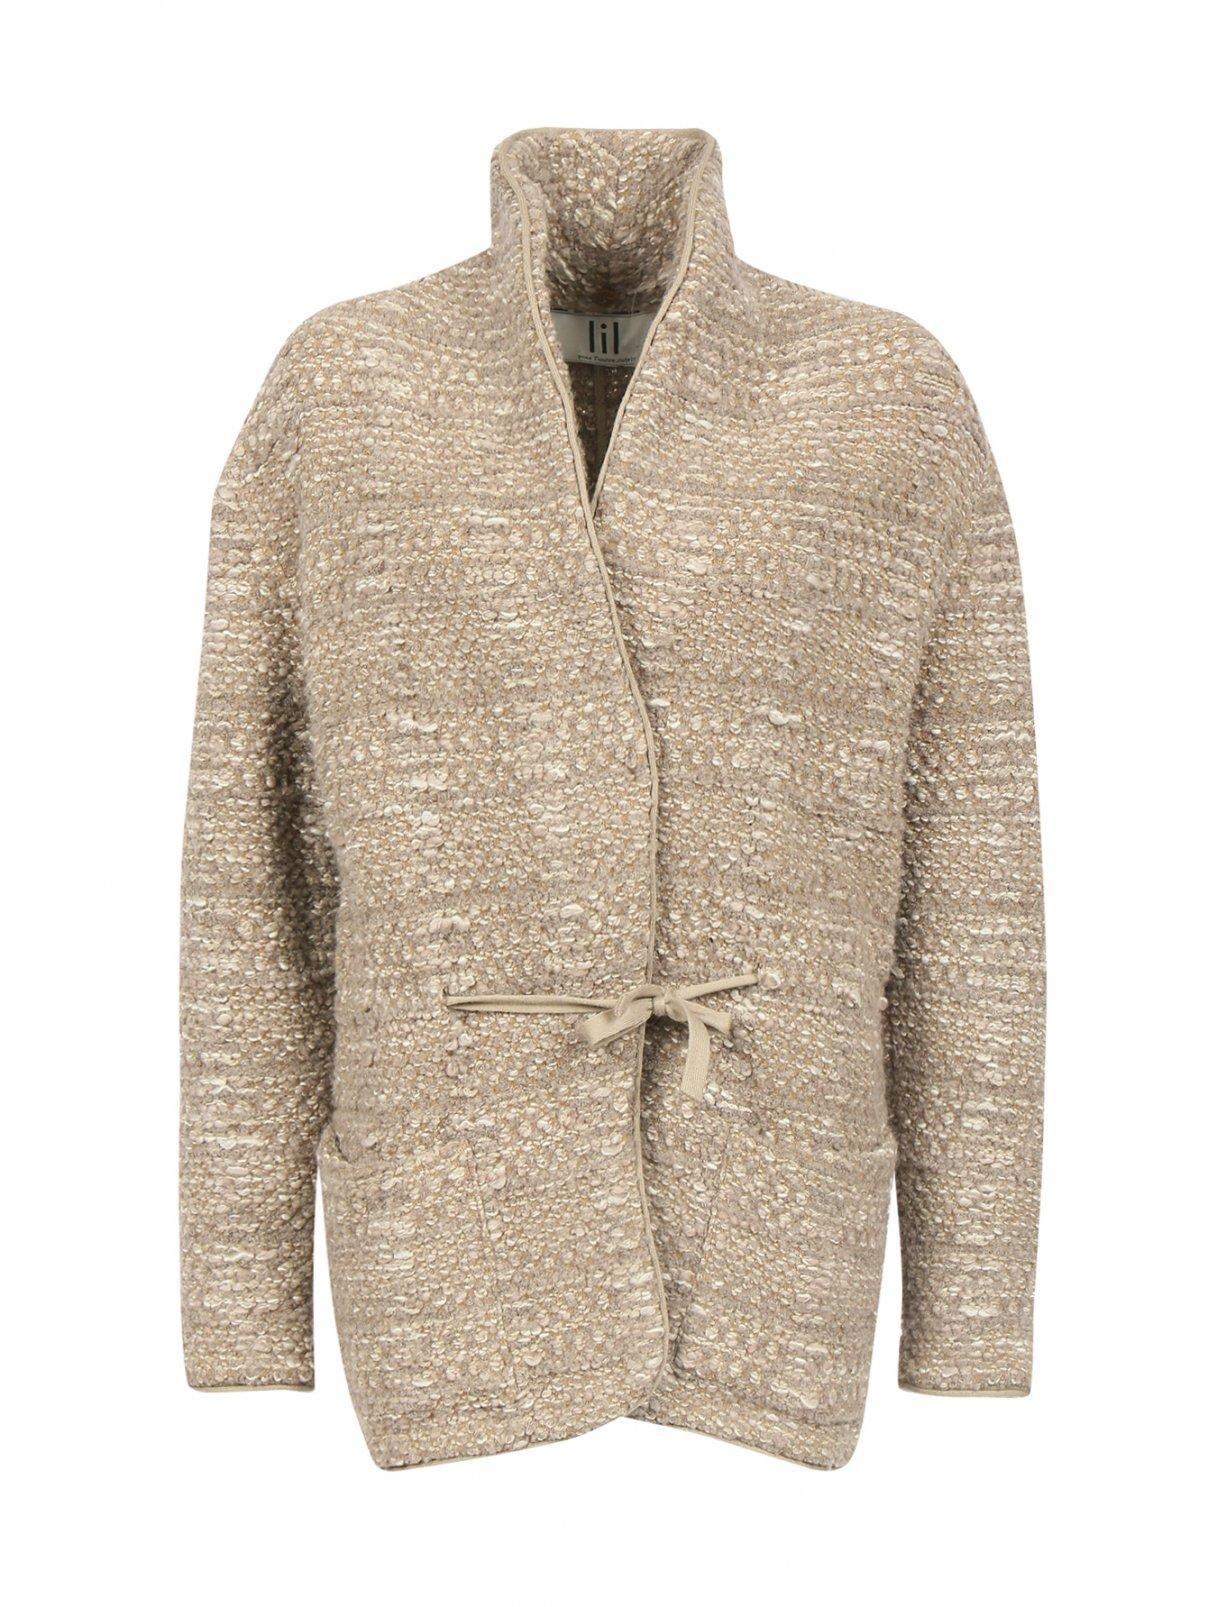 Жакет из смесовой шерсти с накладными карманами LIL Paris  –  Общий вид  – Цвет:  Мультиколор